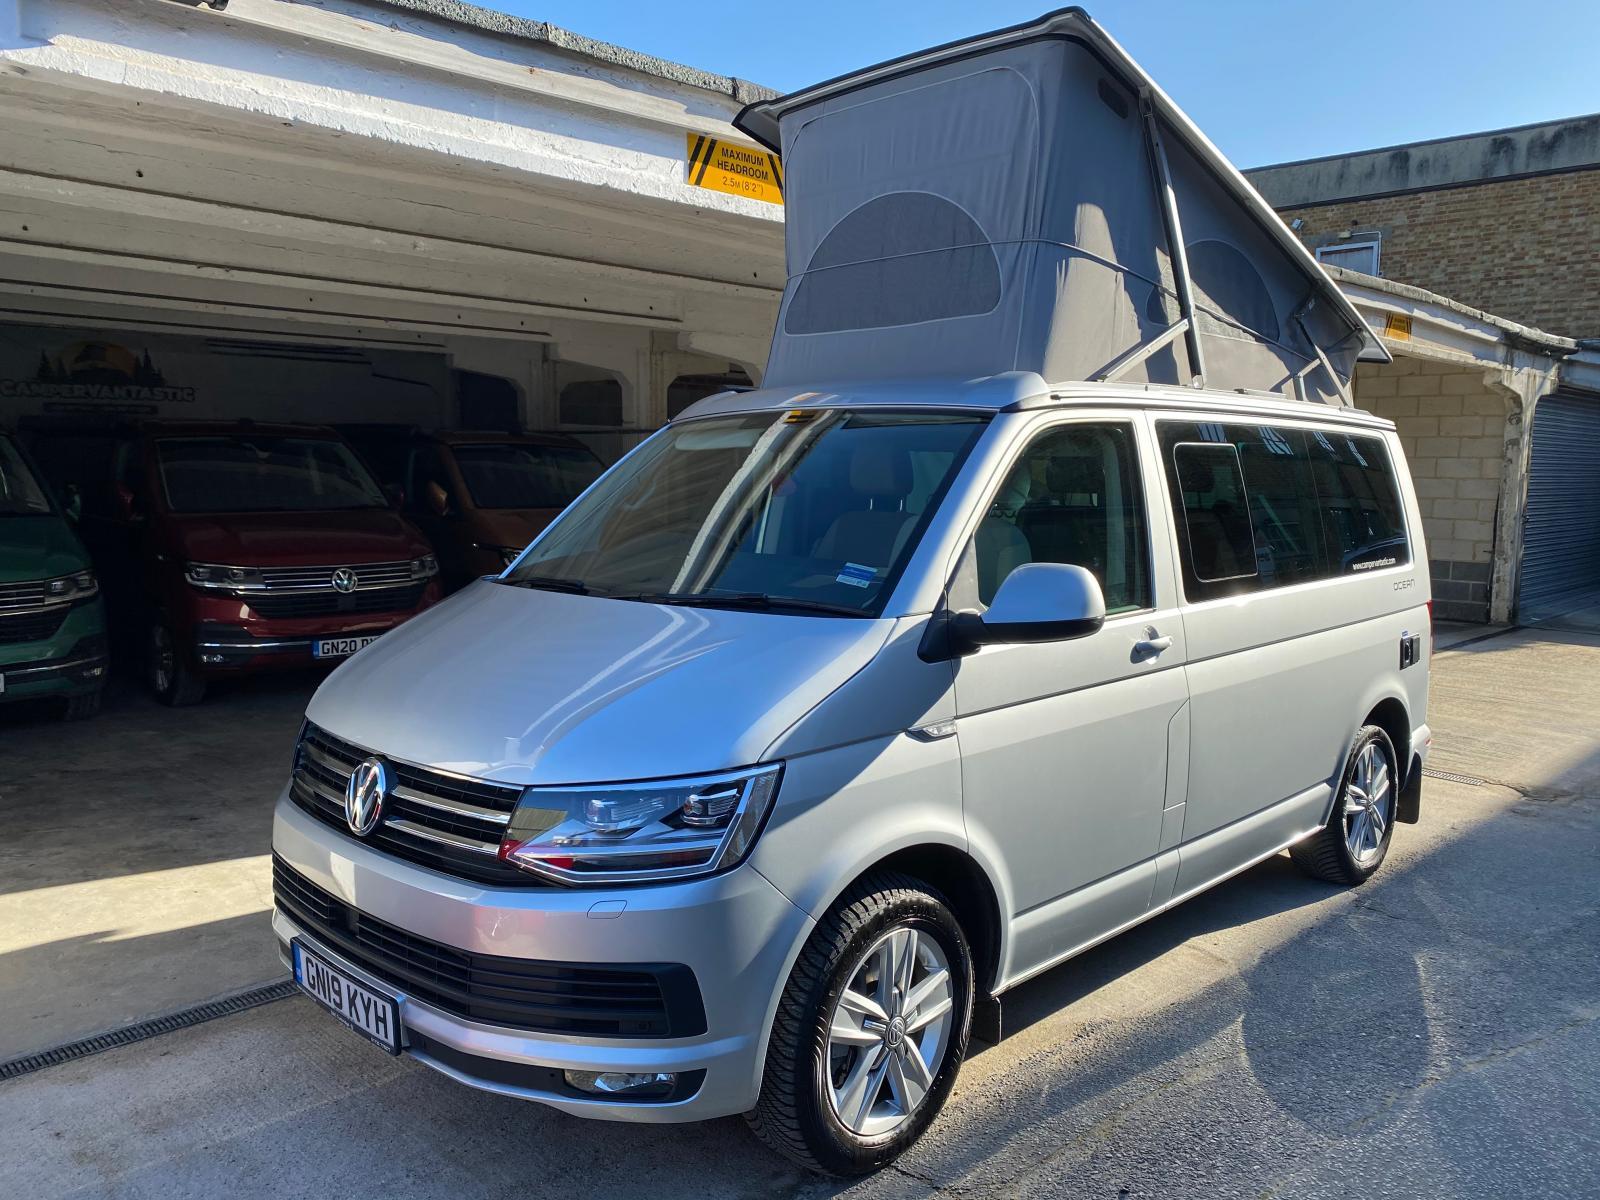 Vw California Ocean Camper Van T6 2019 Reflex Silver 2 0lt Bitdi 199 Ps 7 Speed Dsg Automatic Campervantastic Camper Van And Accessories Online Shop